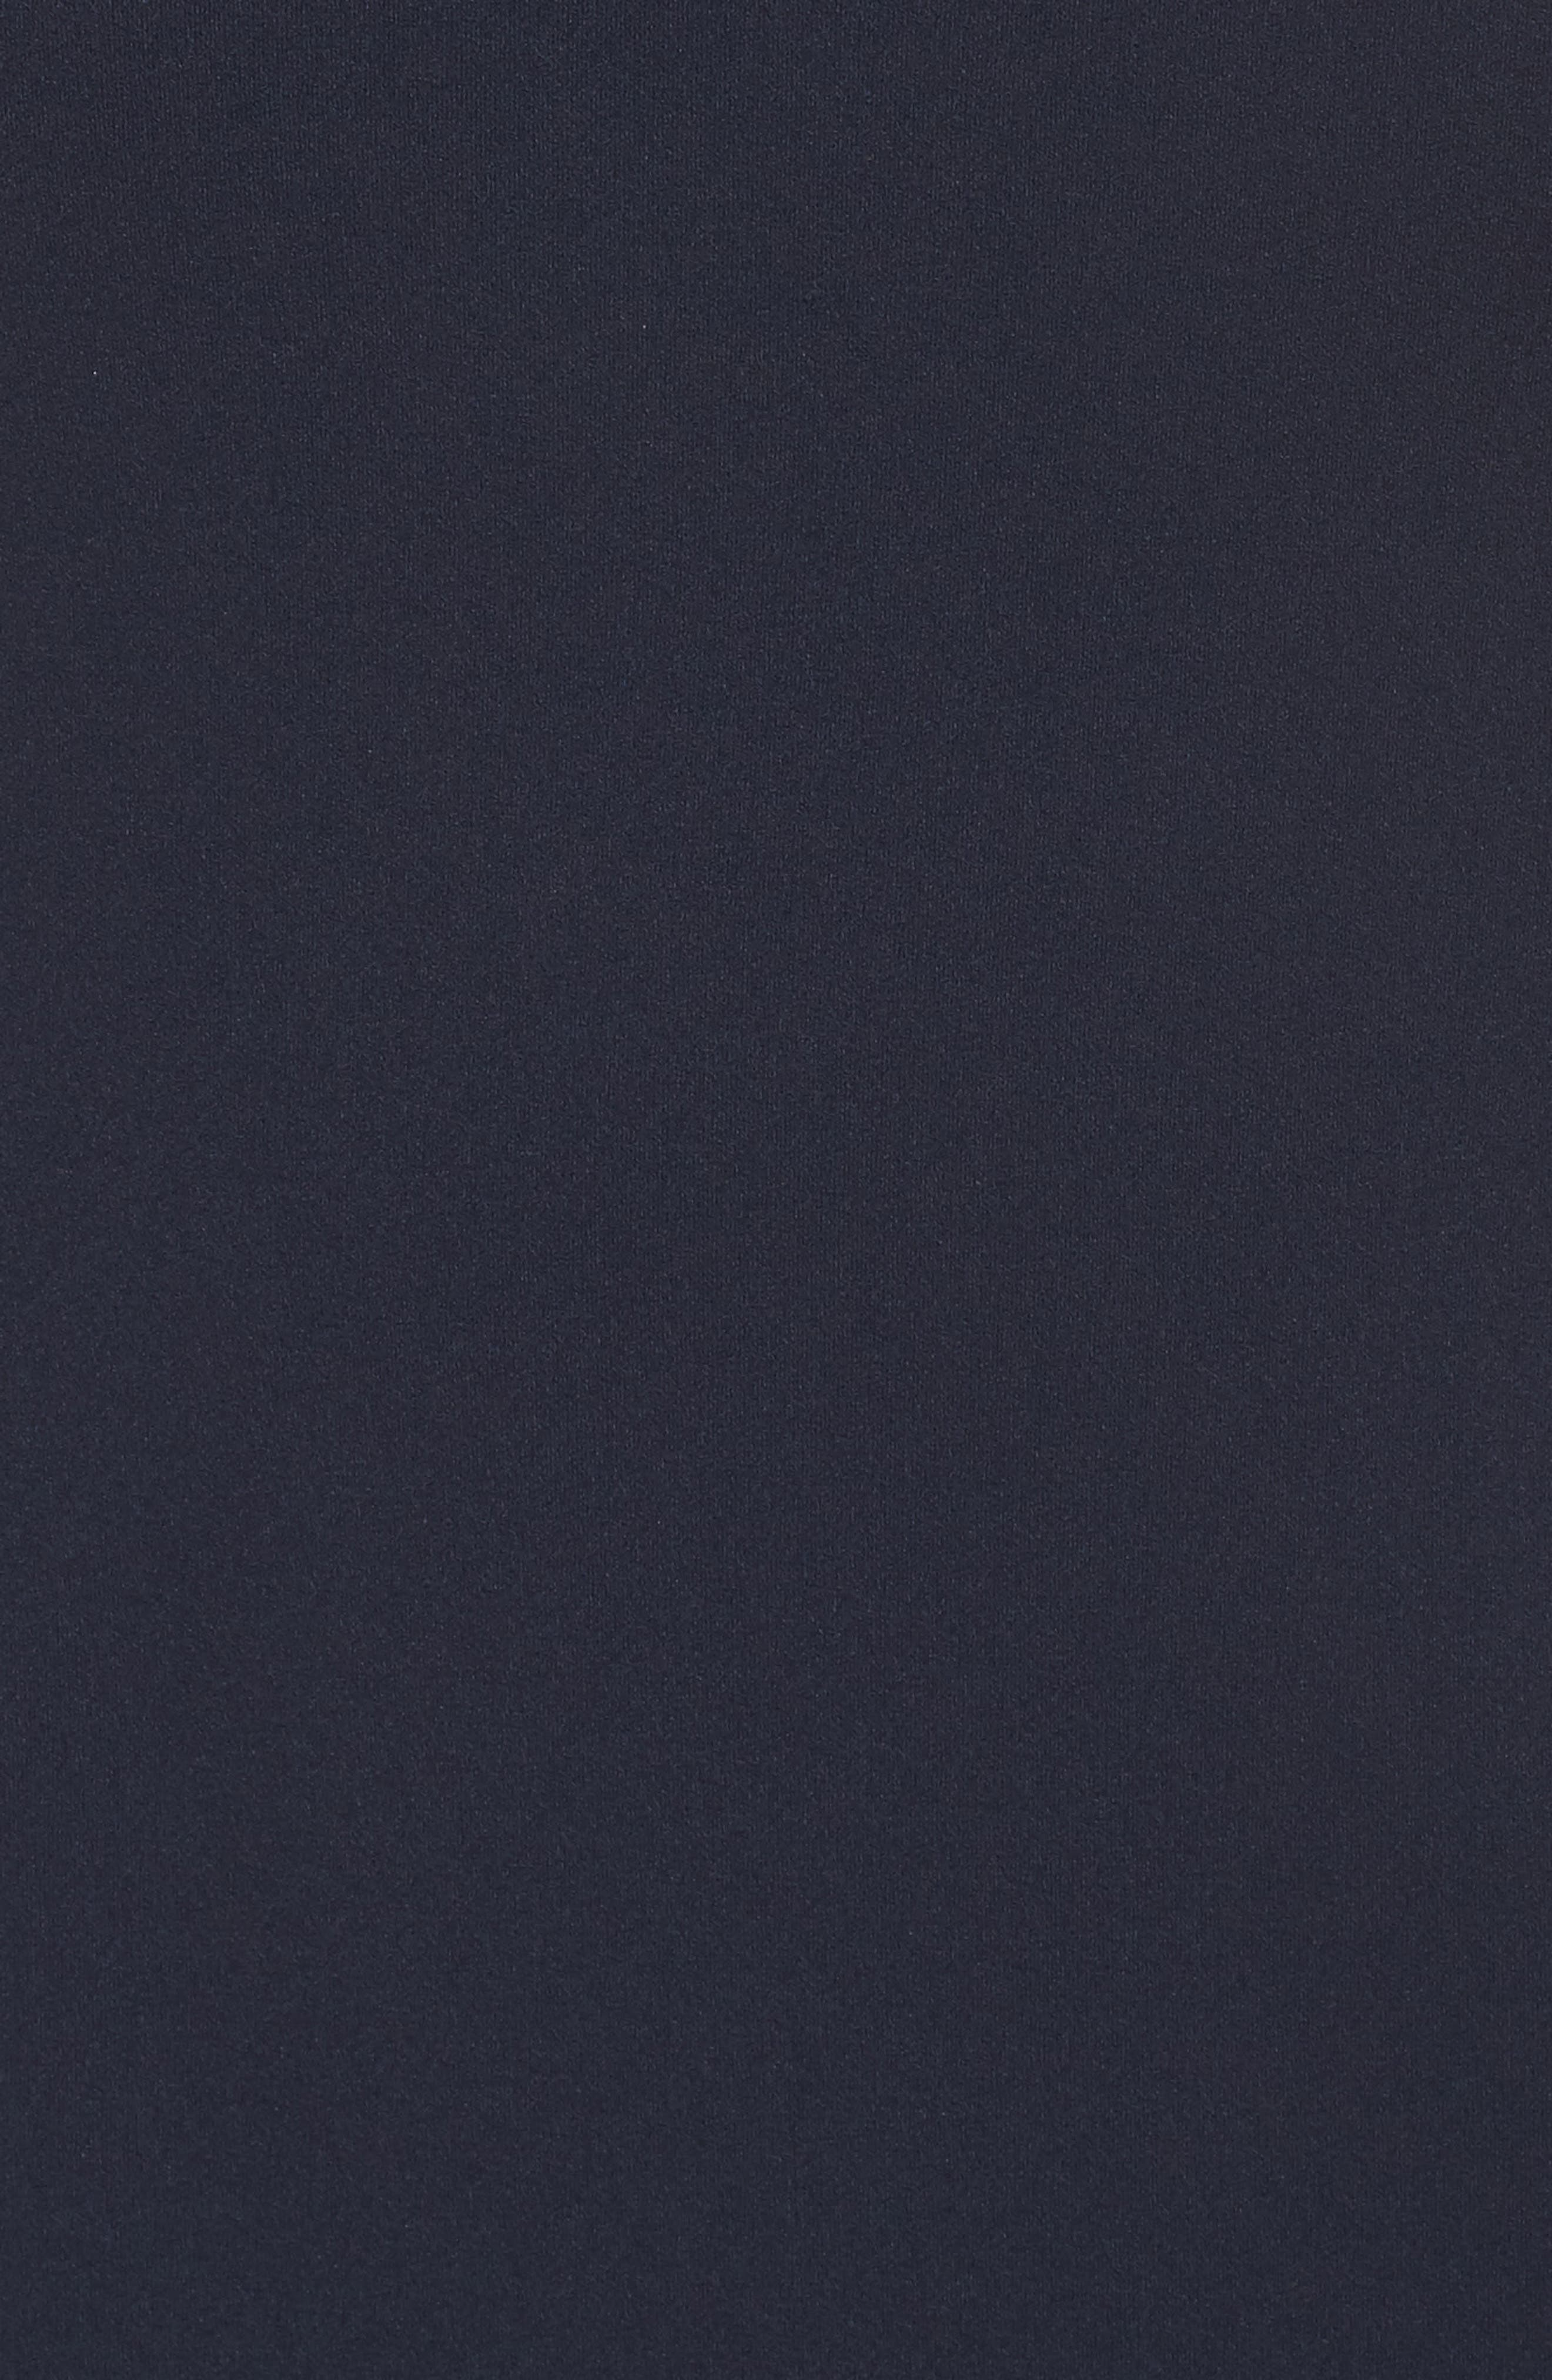 Crepe Flounce Dress,                             Alternate thumbnail 5, color,                             Blue Moon